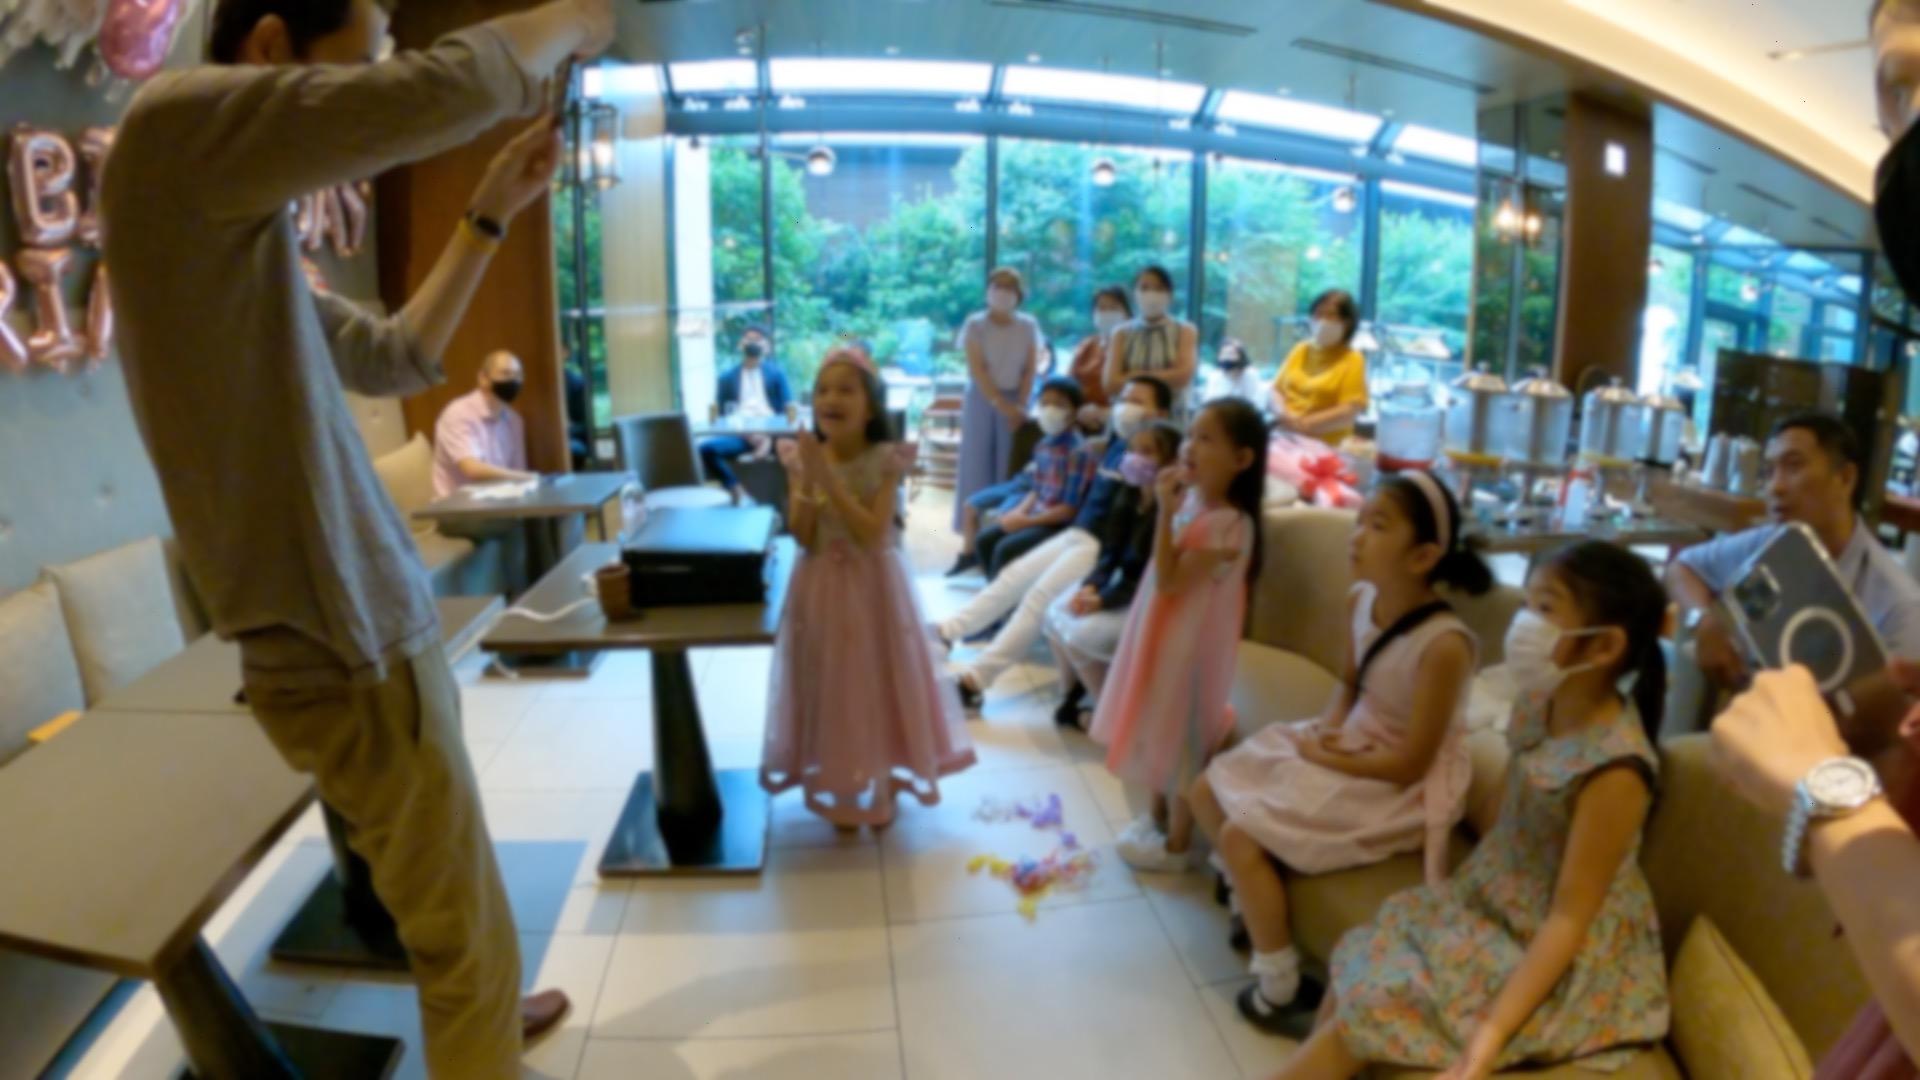 袋が閉じた! 7歳の女の子のバースデーパーティーに出張マジシャンマジックショー 千代田区東京都